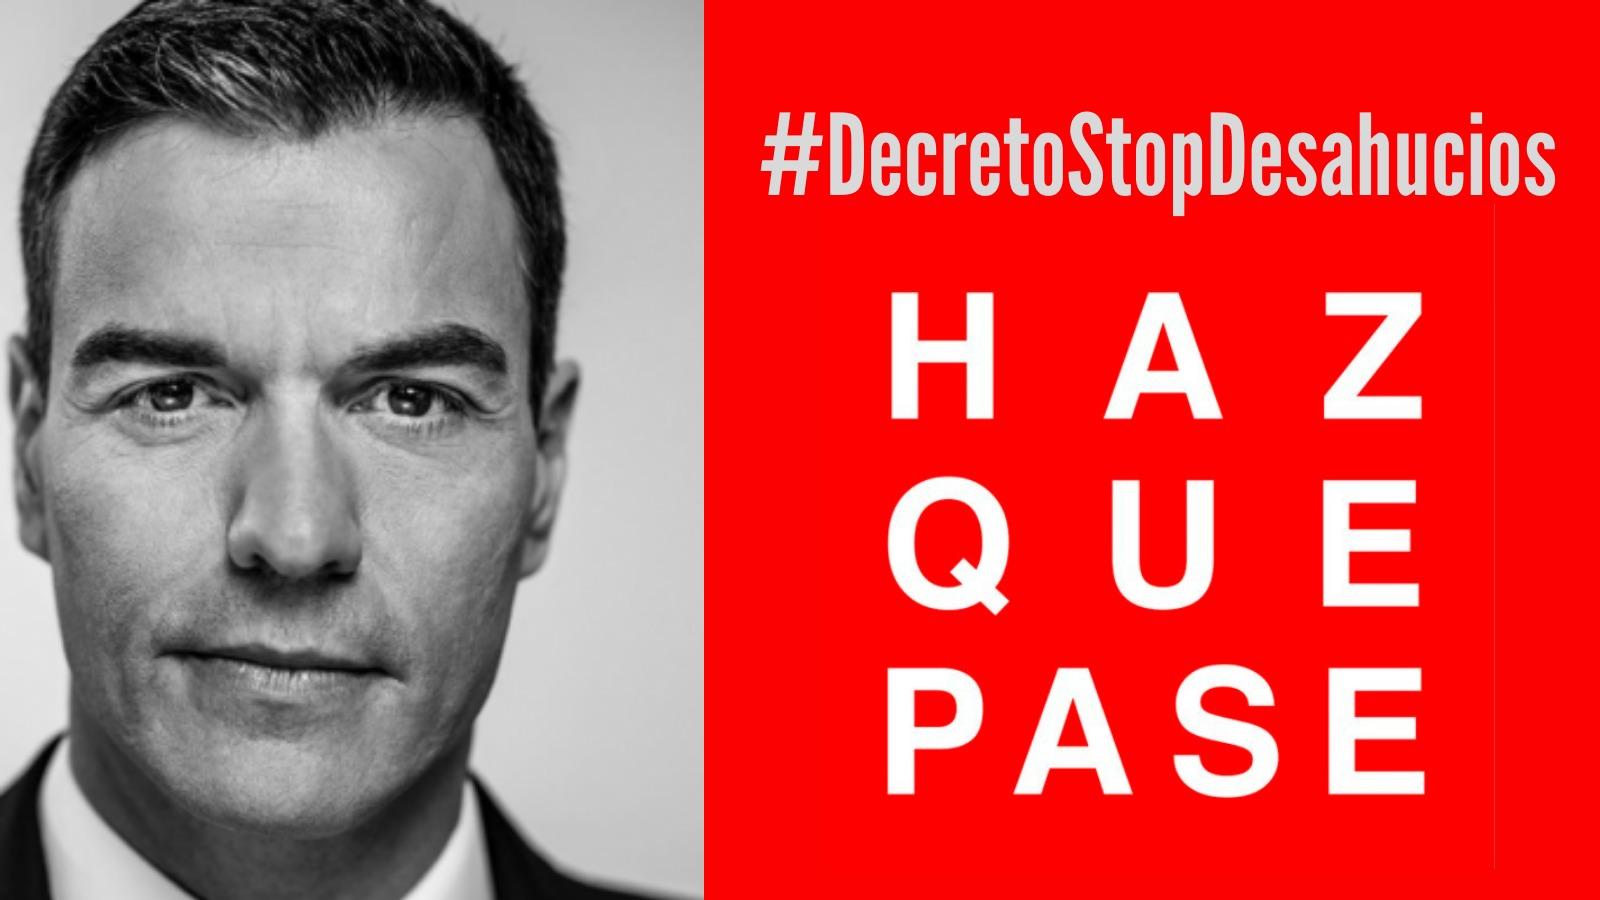 Siguen los desahucios mientras el Gobierno de Pedro Sánchez estudia cómo rescatar de nuevo a la banca, fondos buitre y grandes propietarios